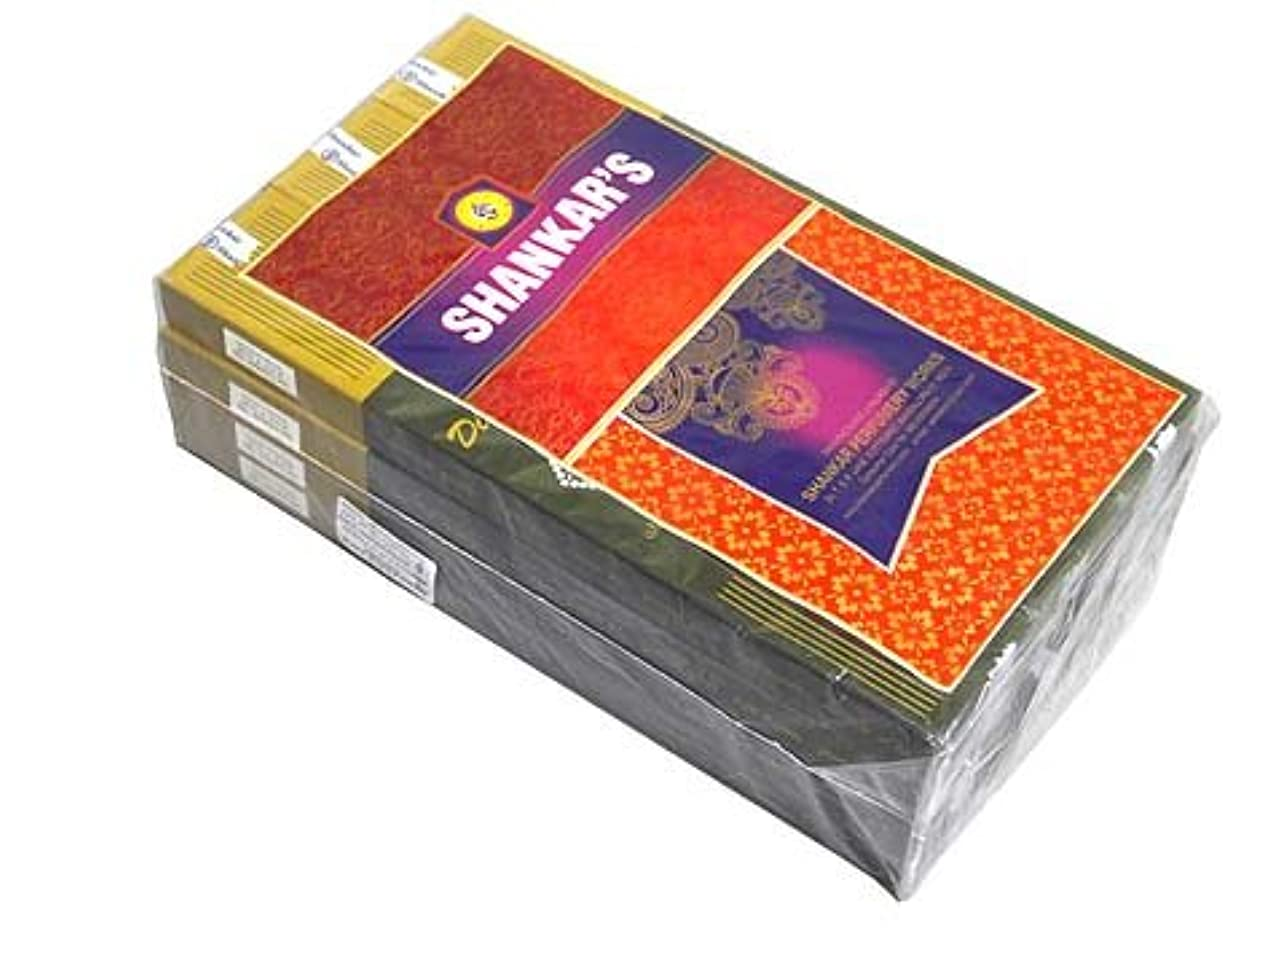 アイデア敬意を表して優先SHANKAR'S(シャンカーズ) ブラックダイヤモンド香 スティック BLACK DIAMOND 12箱セット